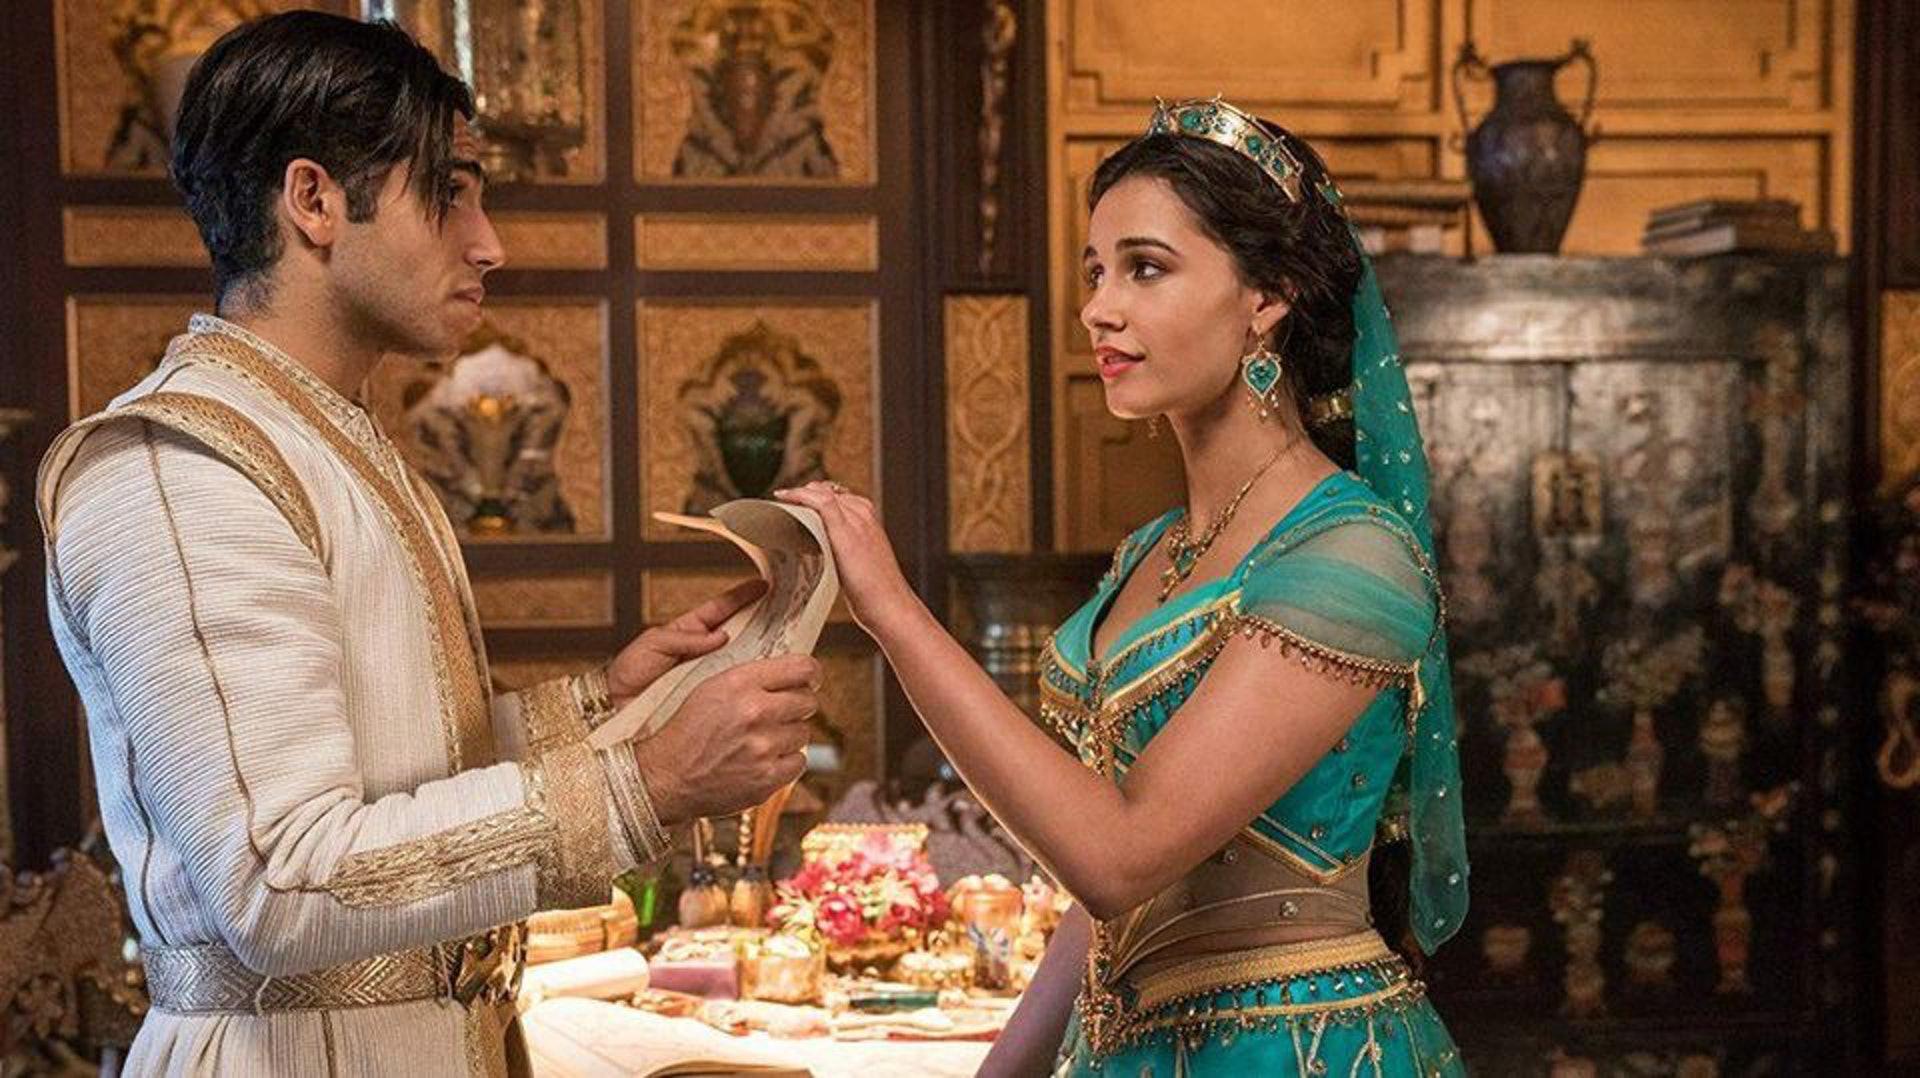 茉莉公主勇敢追愛的心有別於傳統公主(《阿拉丁》劇照)